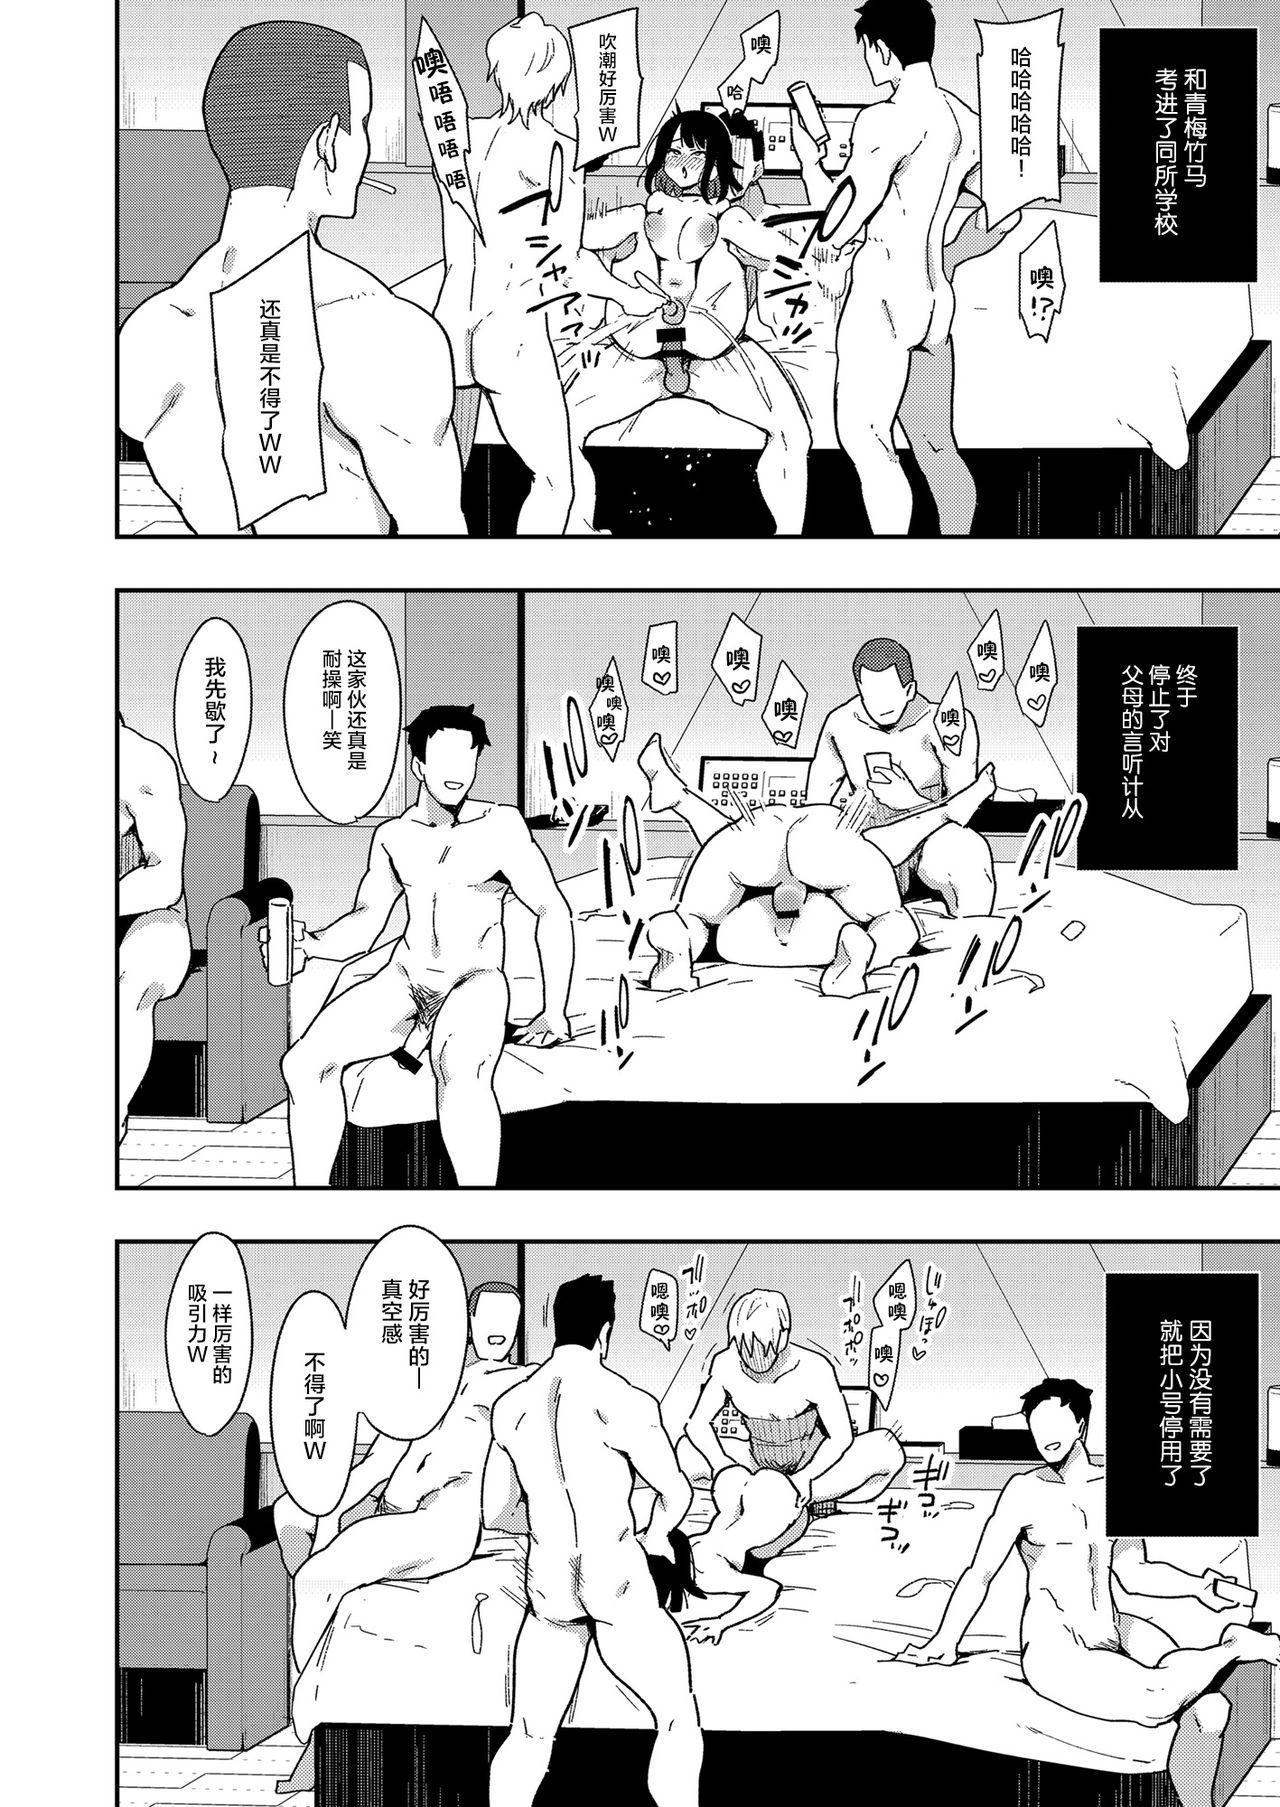 Chouko III Akuyuu Ijou Koibito Miman no Osananajimi ga Shiranai Tokoro de Yarichin ni Hamerare Seirinri o Kanzen Hakai sareru made 39